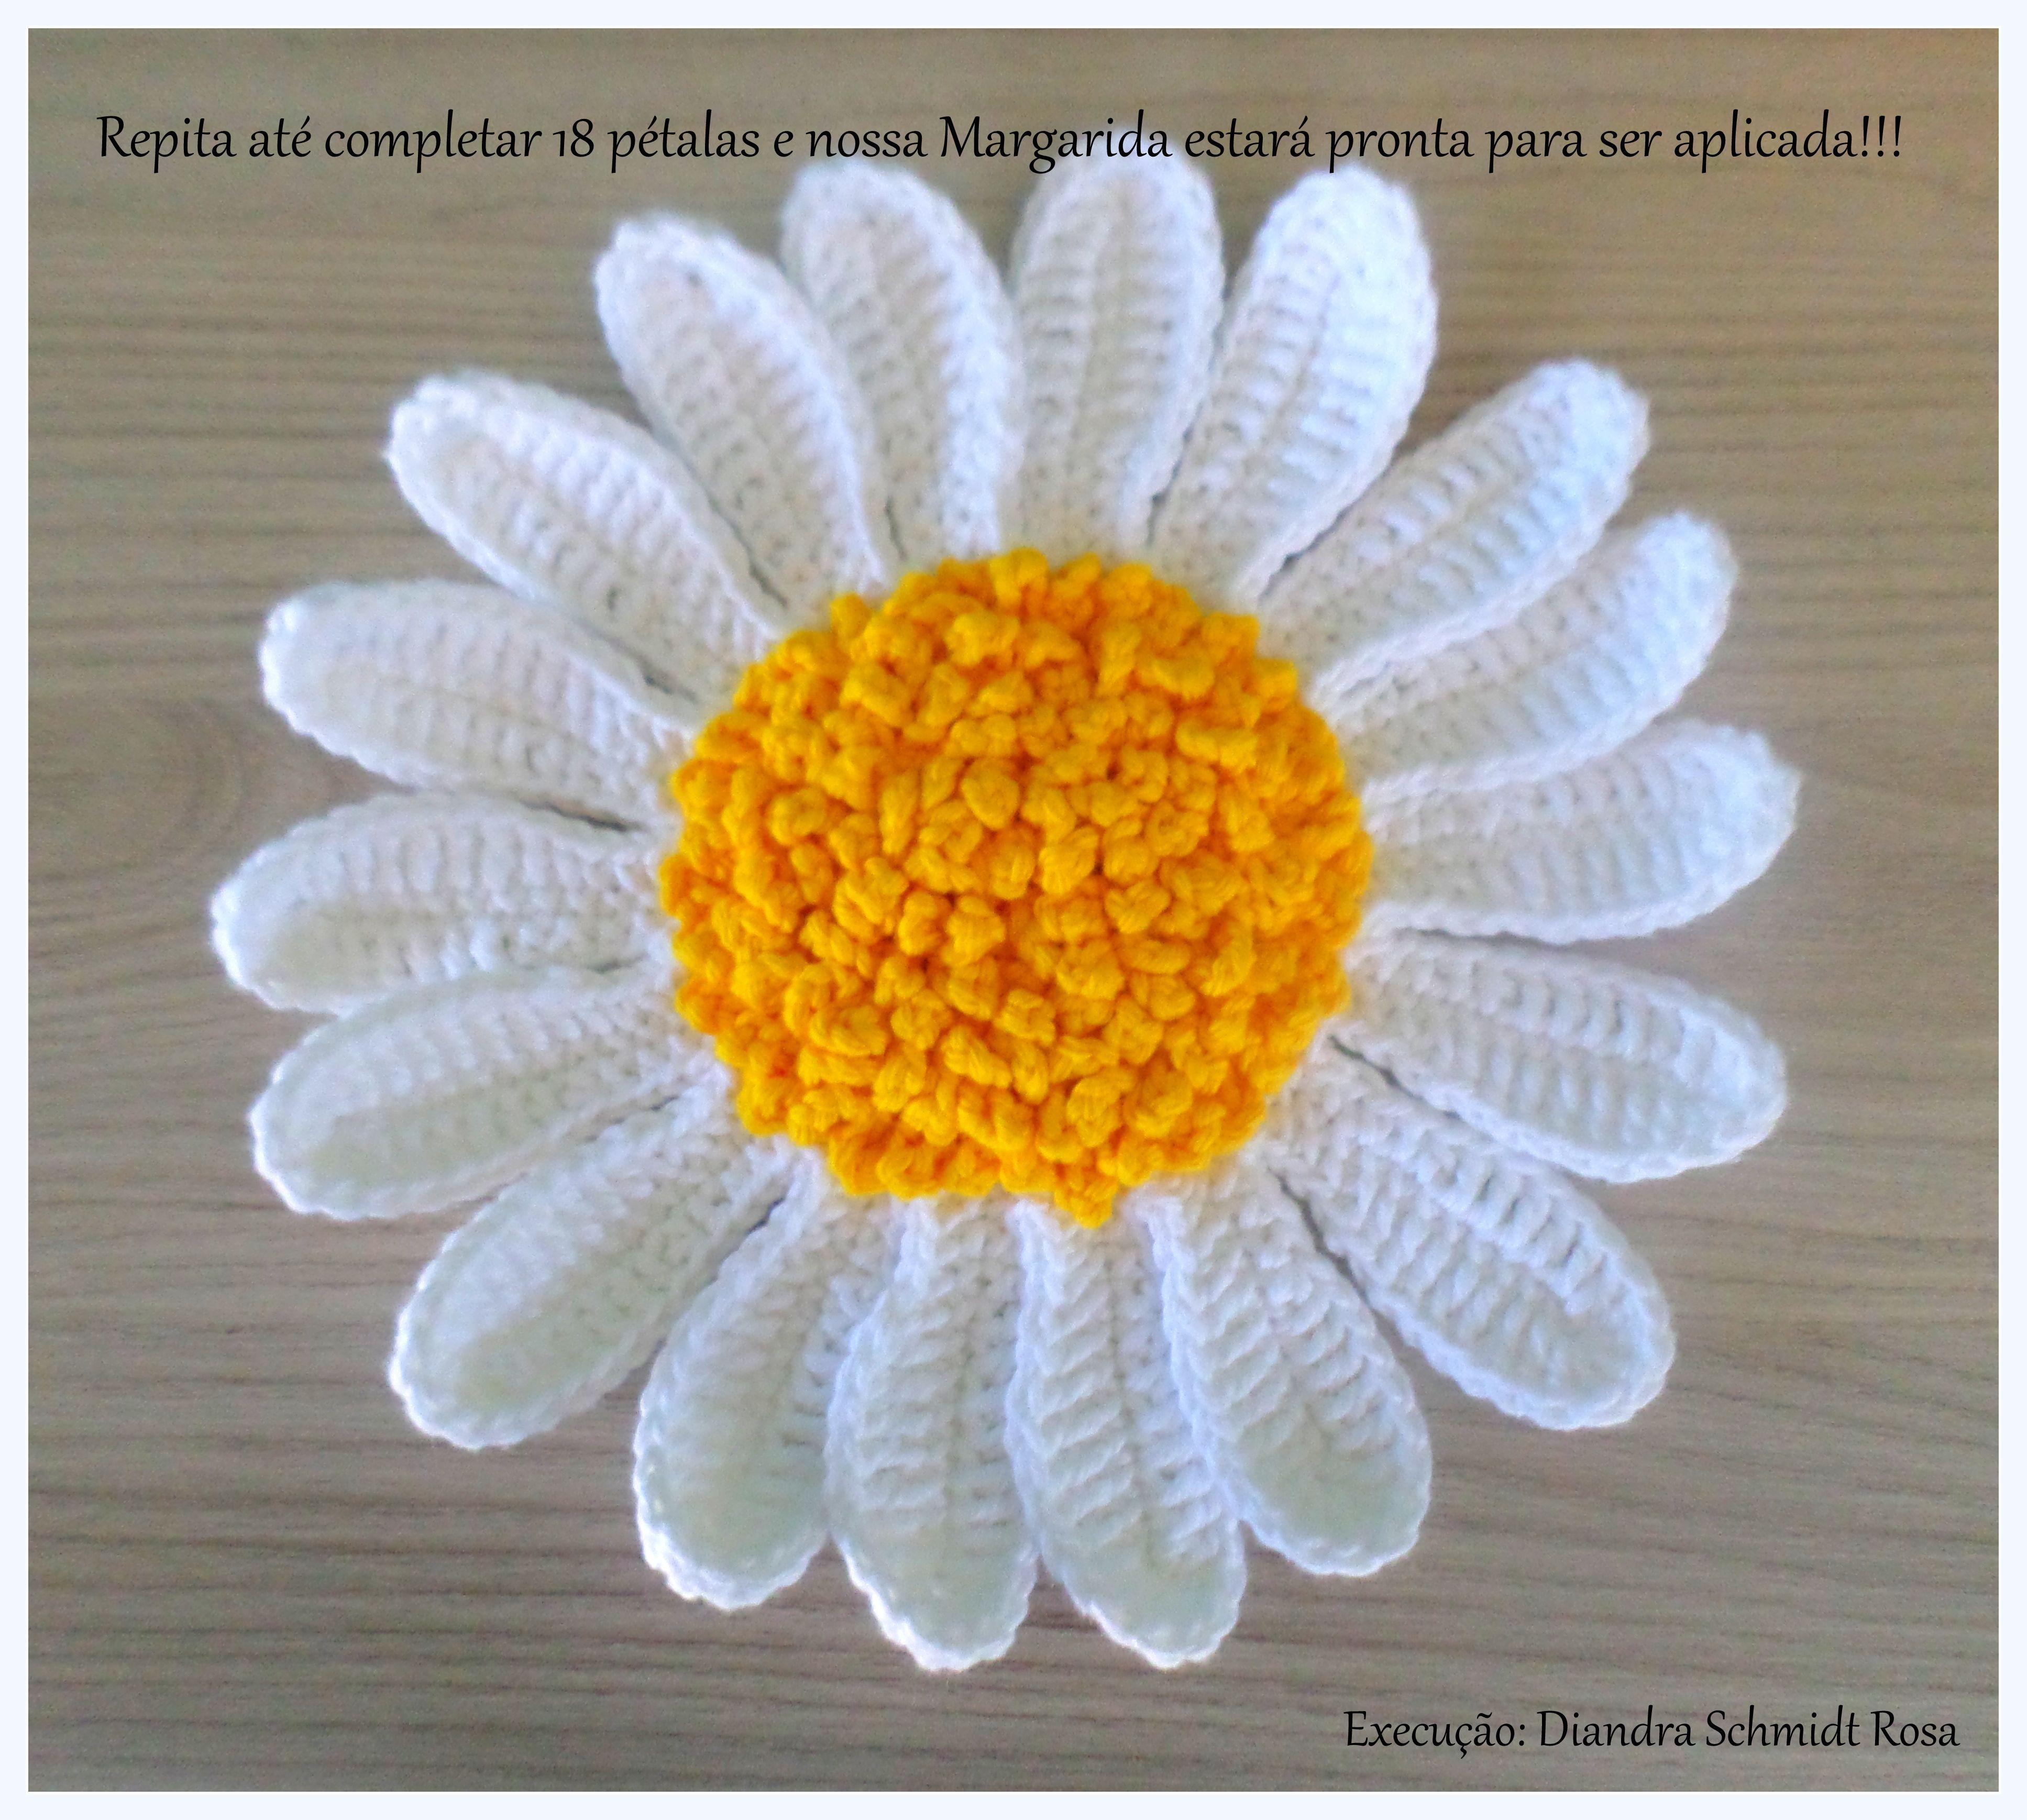 Pin von Diandra Schmidt Rosa auf P.a.p Flor Margarida para aplicação ...